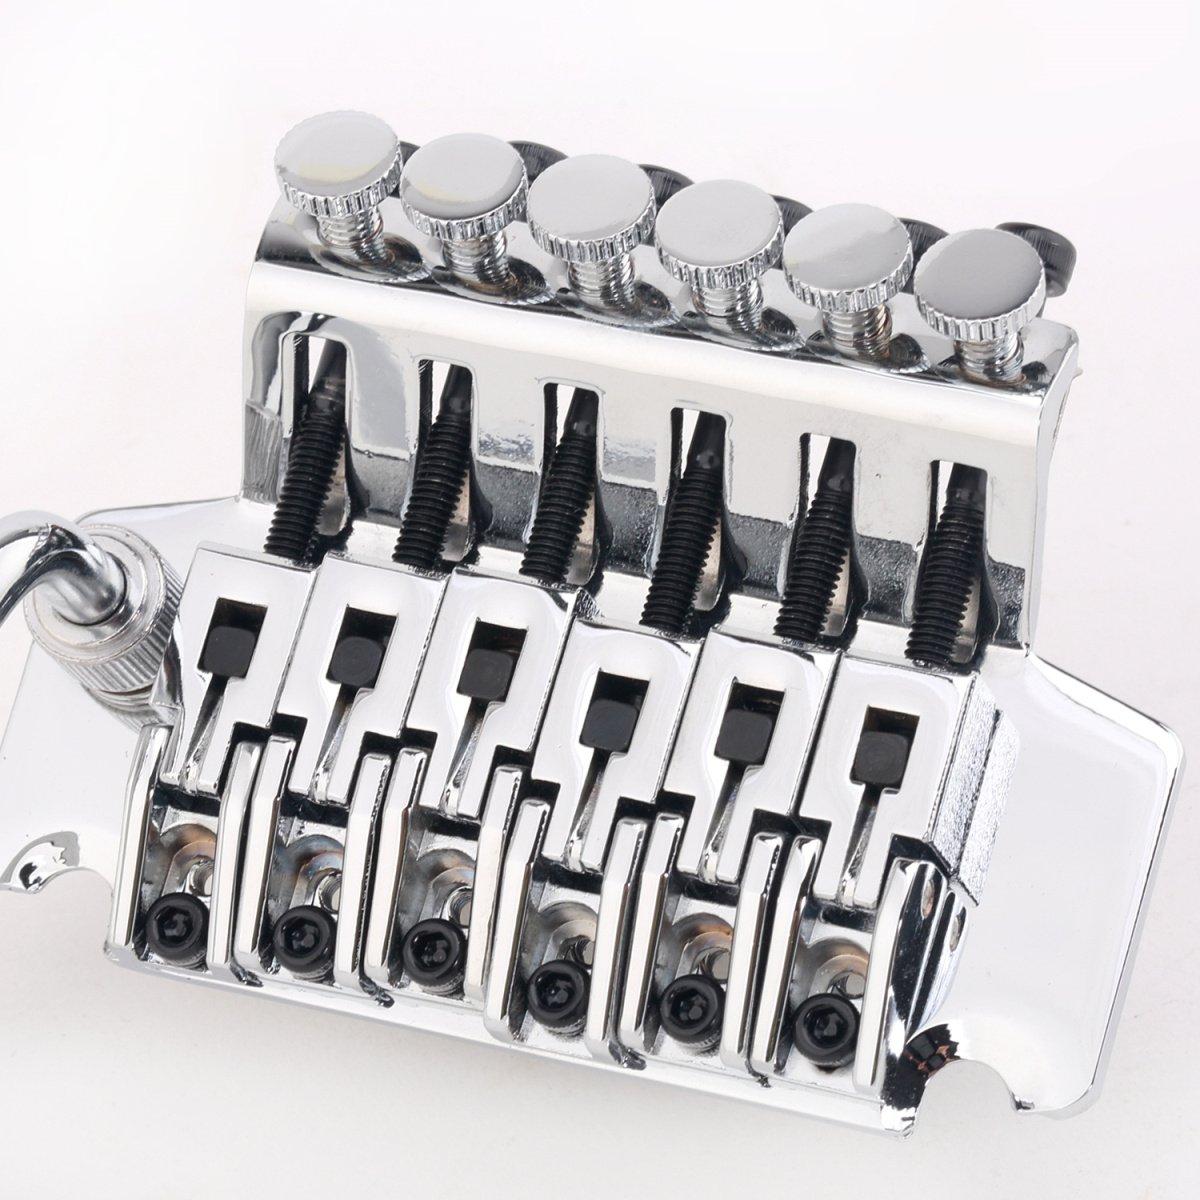 Musiclily Pro 54mm Locking Ponte Tremolo per Chitarra Elettrica,Cromo